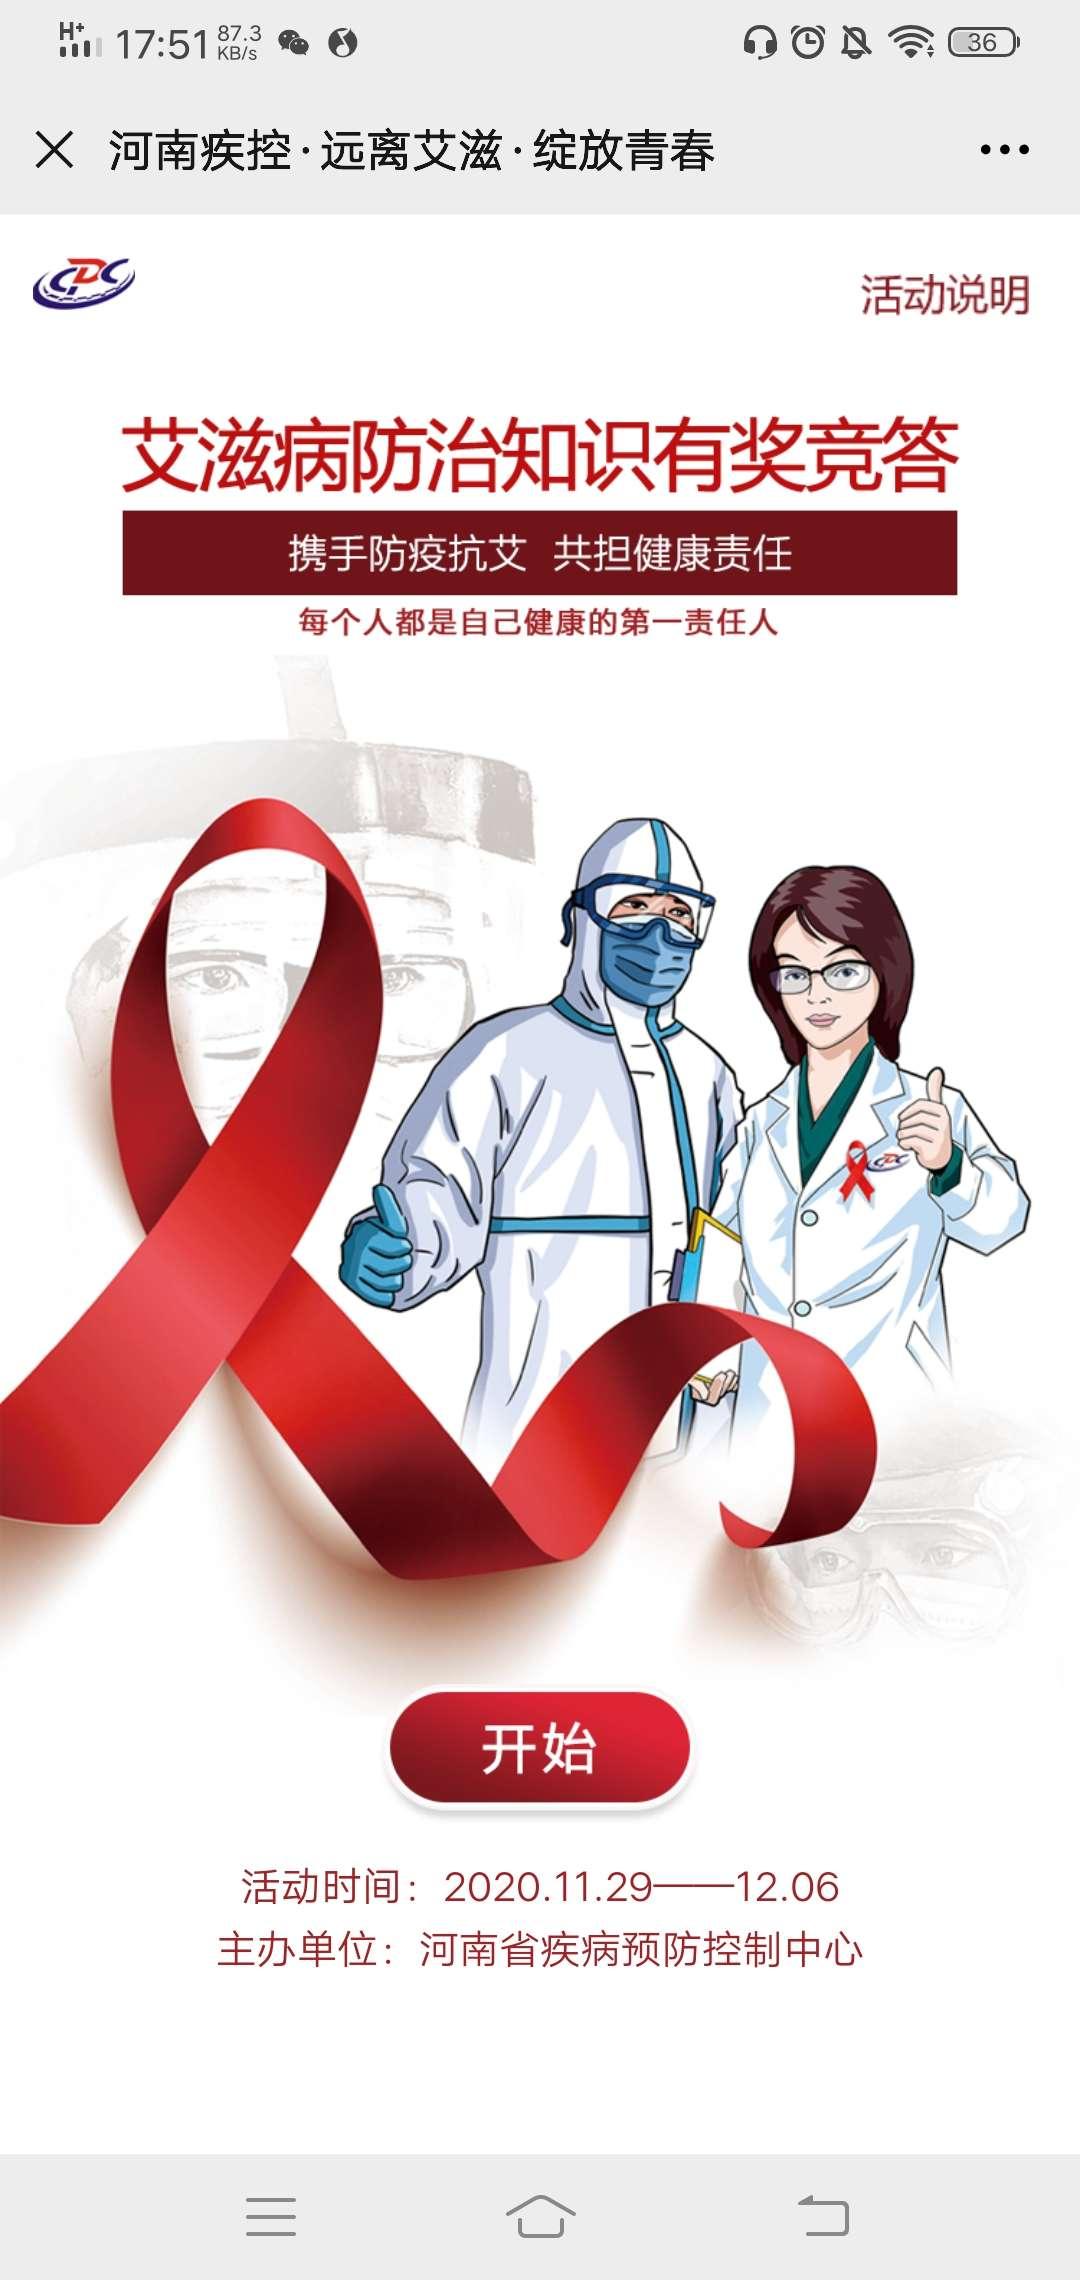 【现金红包】河南疾控远离艾滋绽放青春